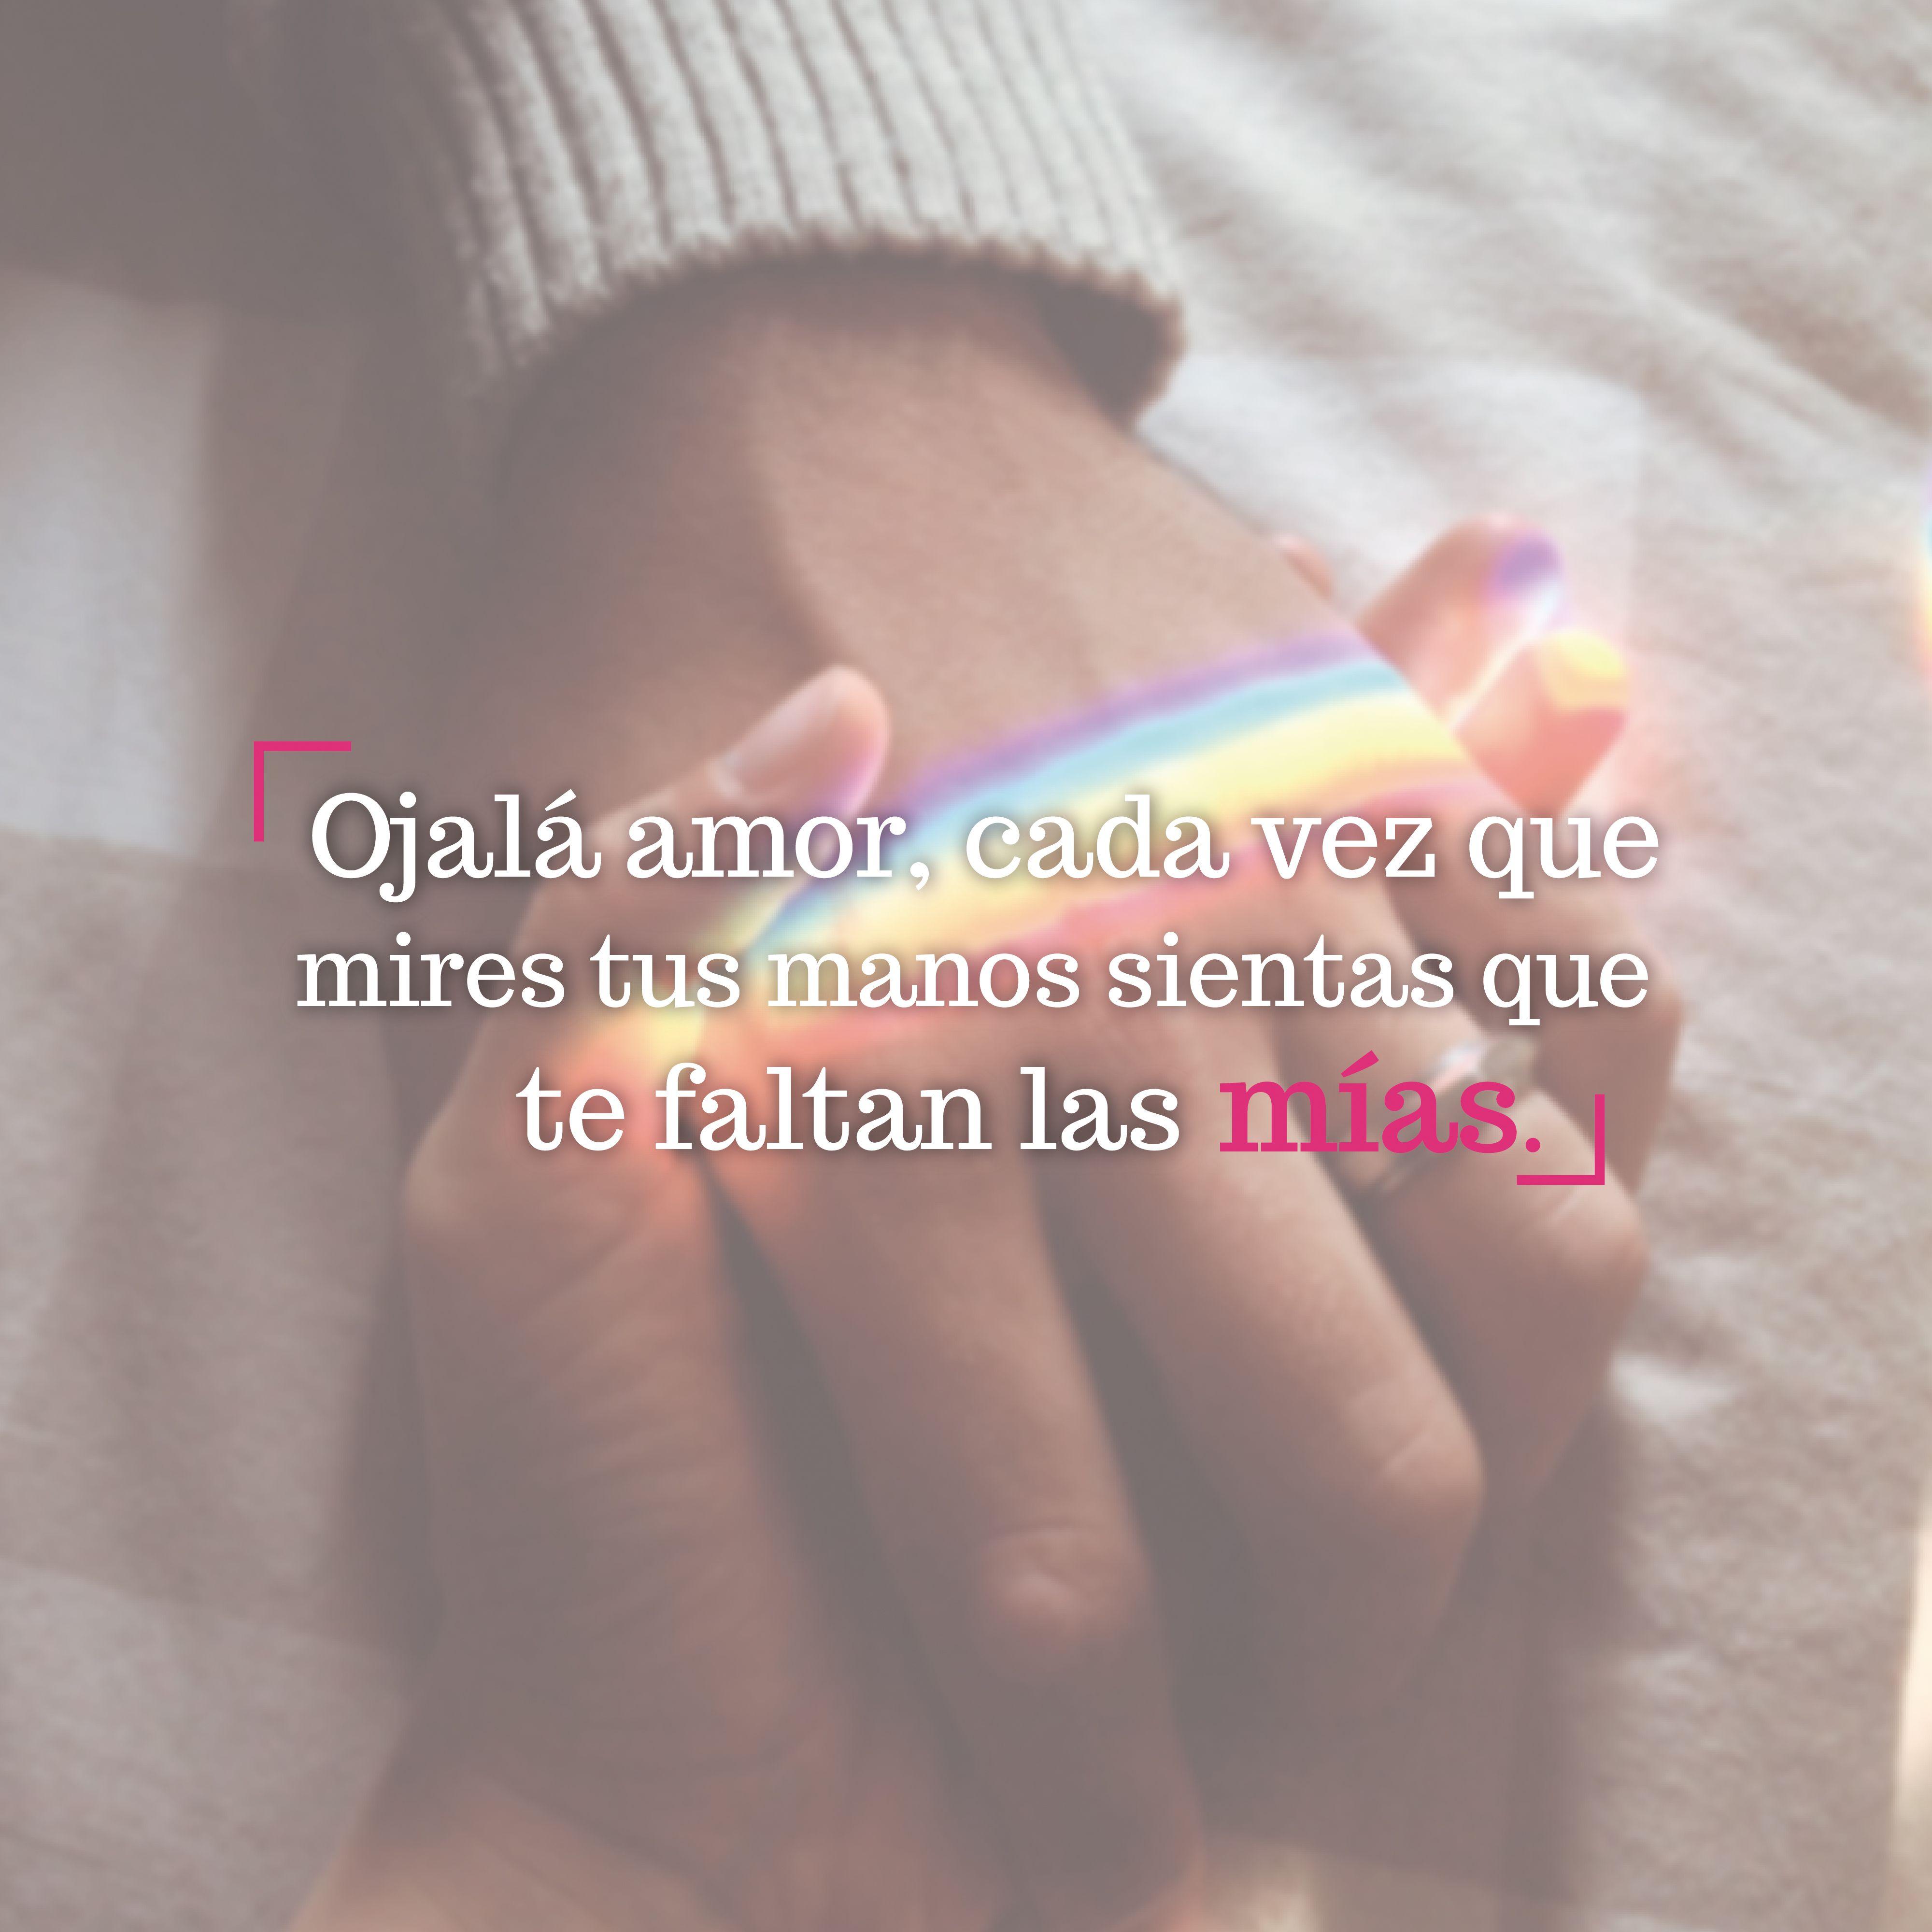 Imagenes De Enamorados Con Frases Bonitas De Amor 2 Amor